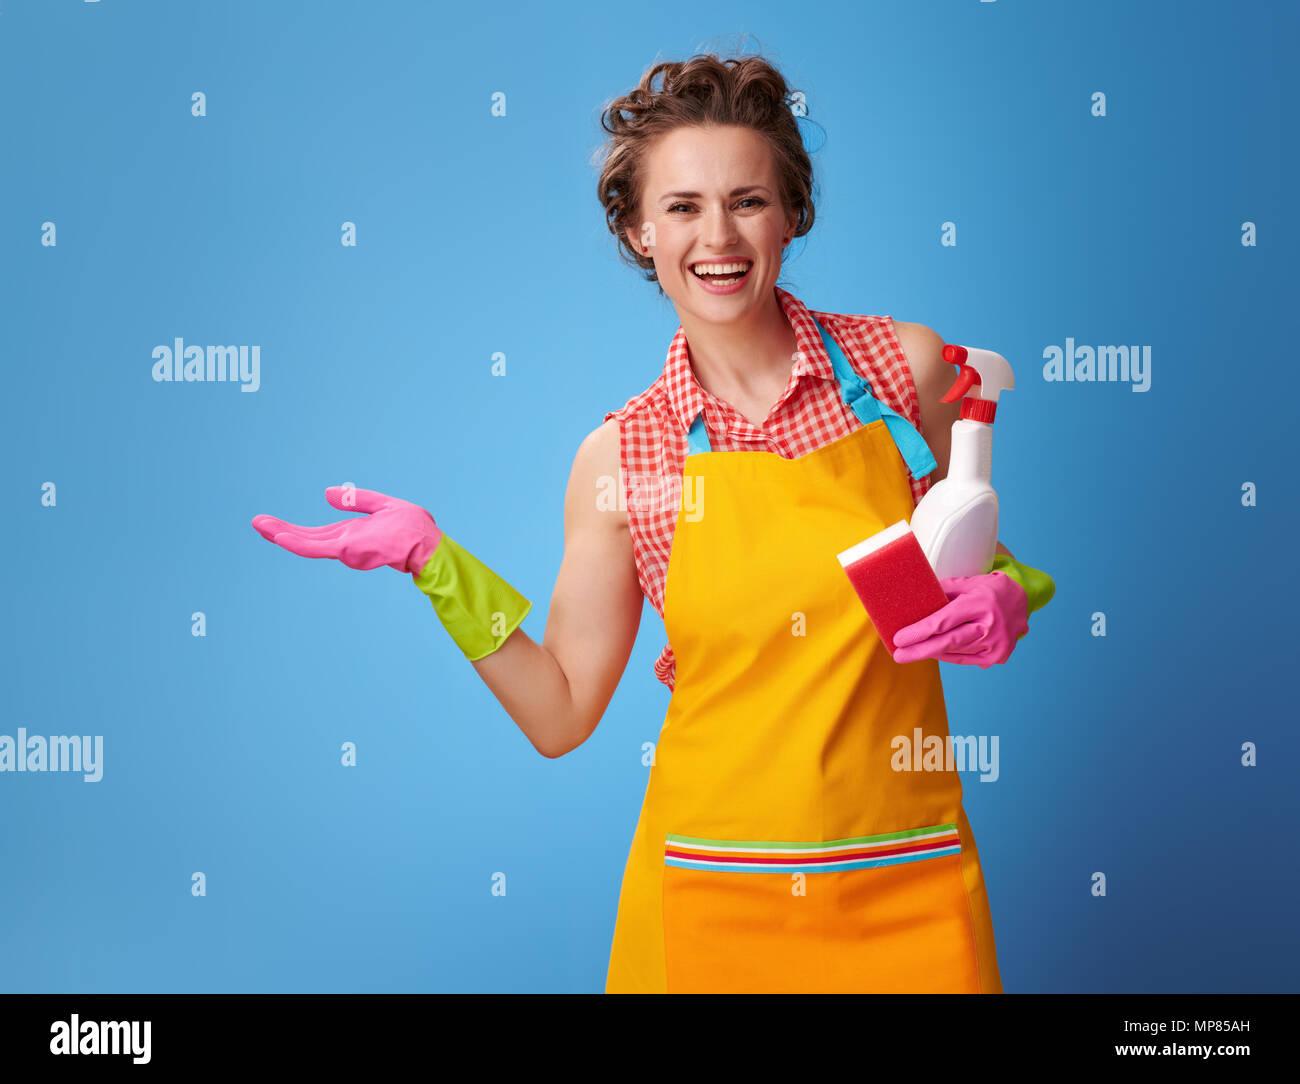 Grande tempo di pulizia. Felice donna moderna con guanti in